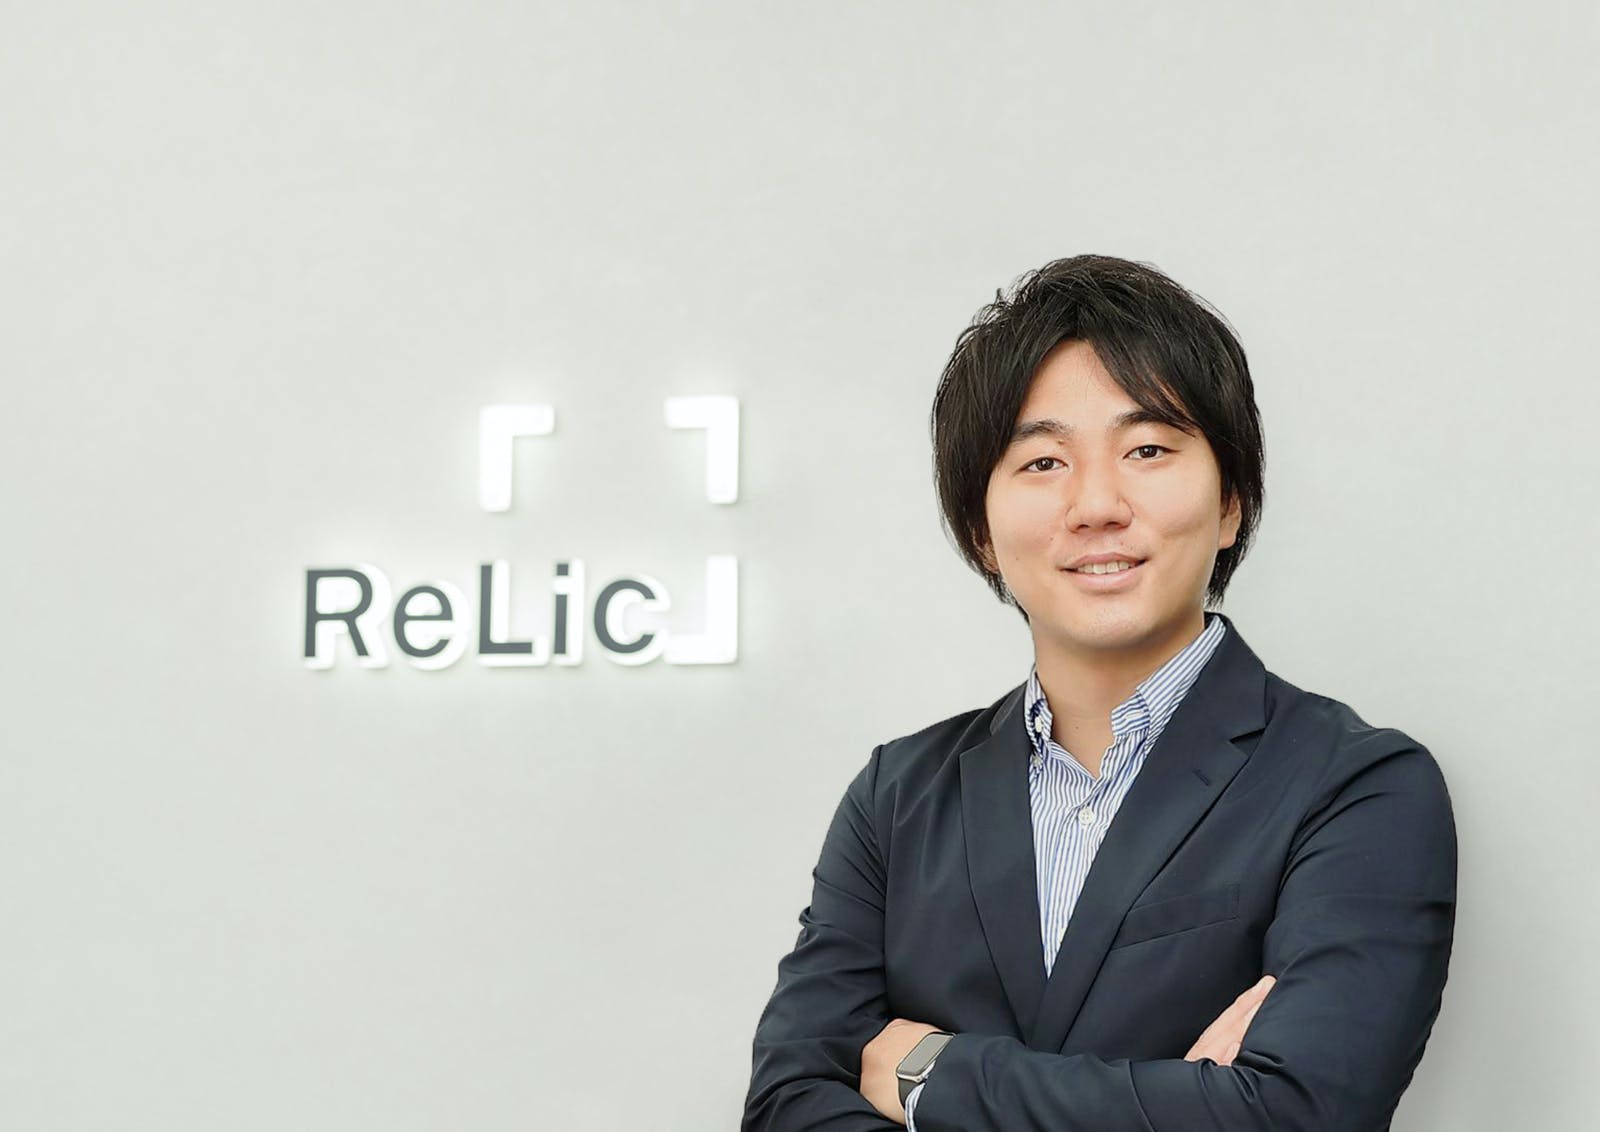 株式会社Relicのアイキャッチ画像